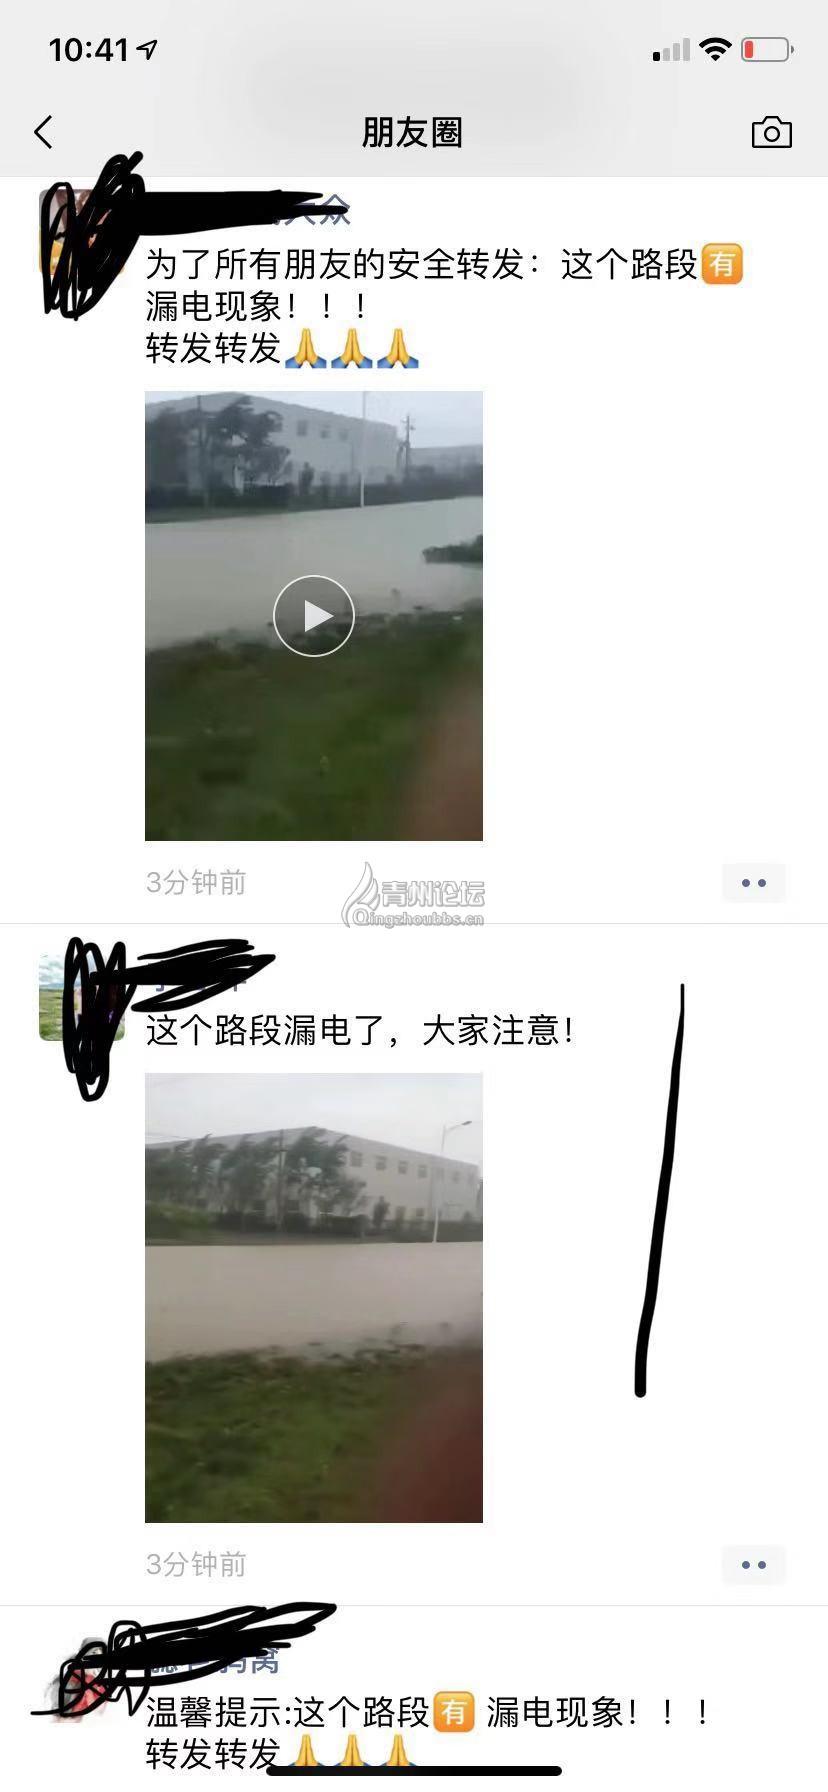 辟謠:青州這漏電視頻是假的!請勿傳播!